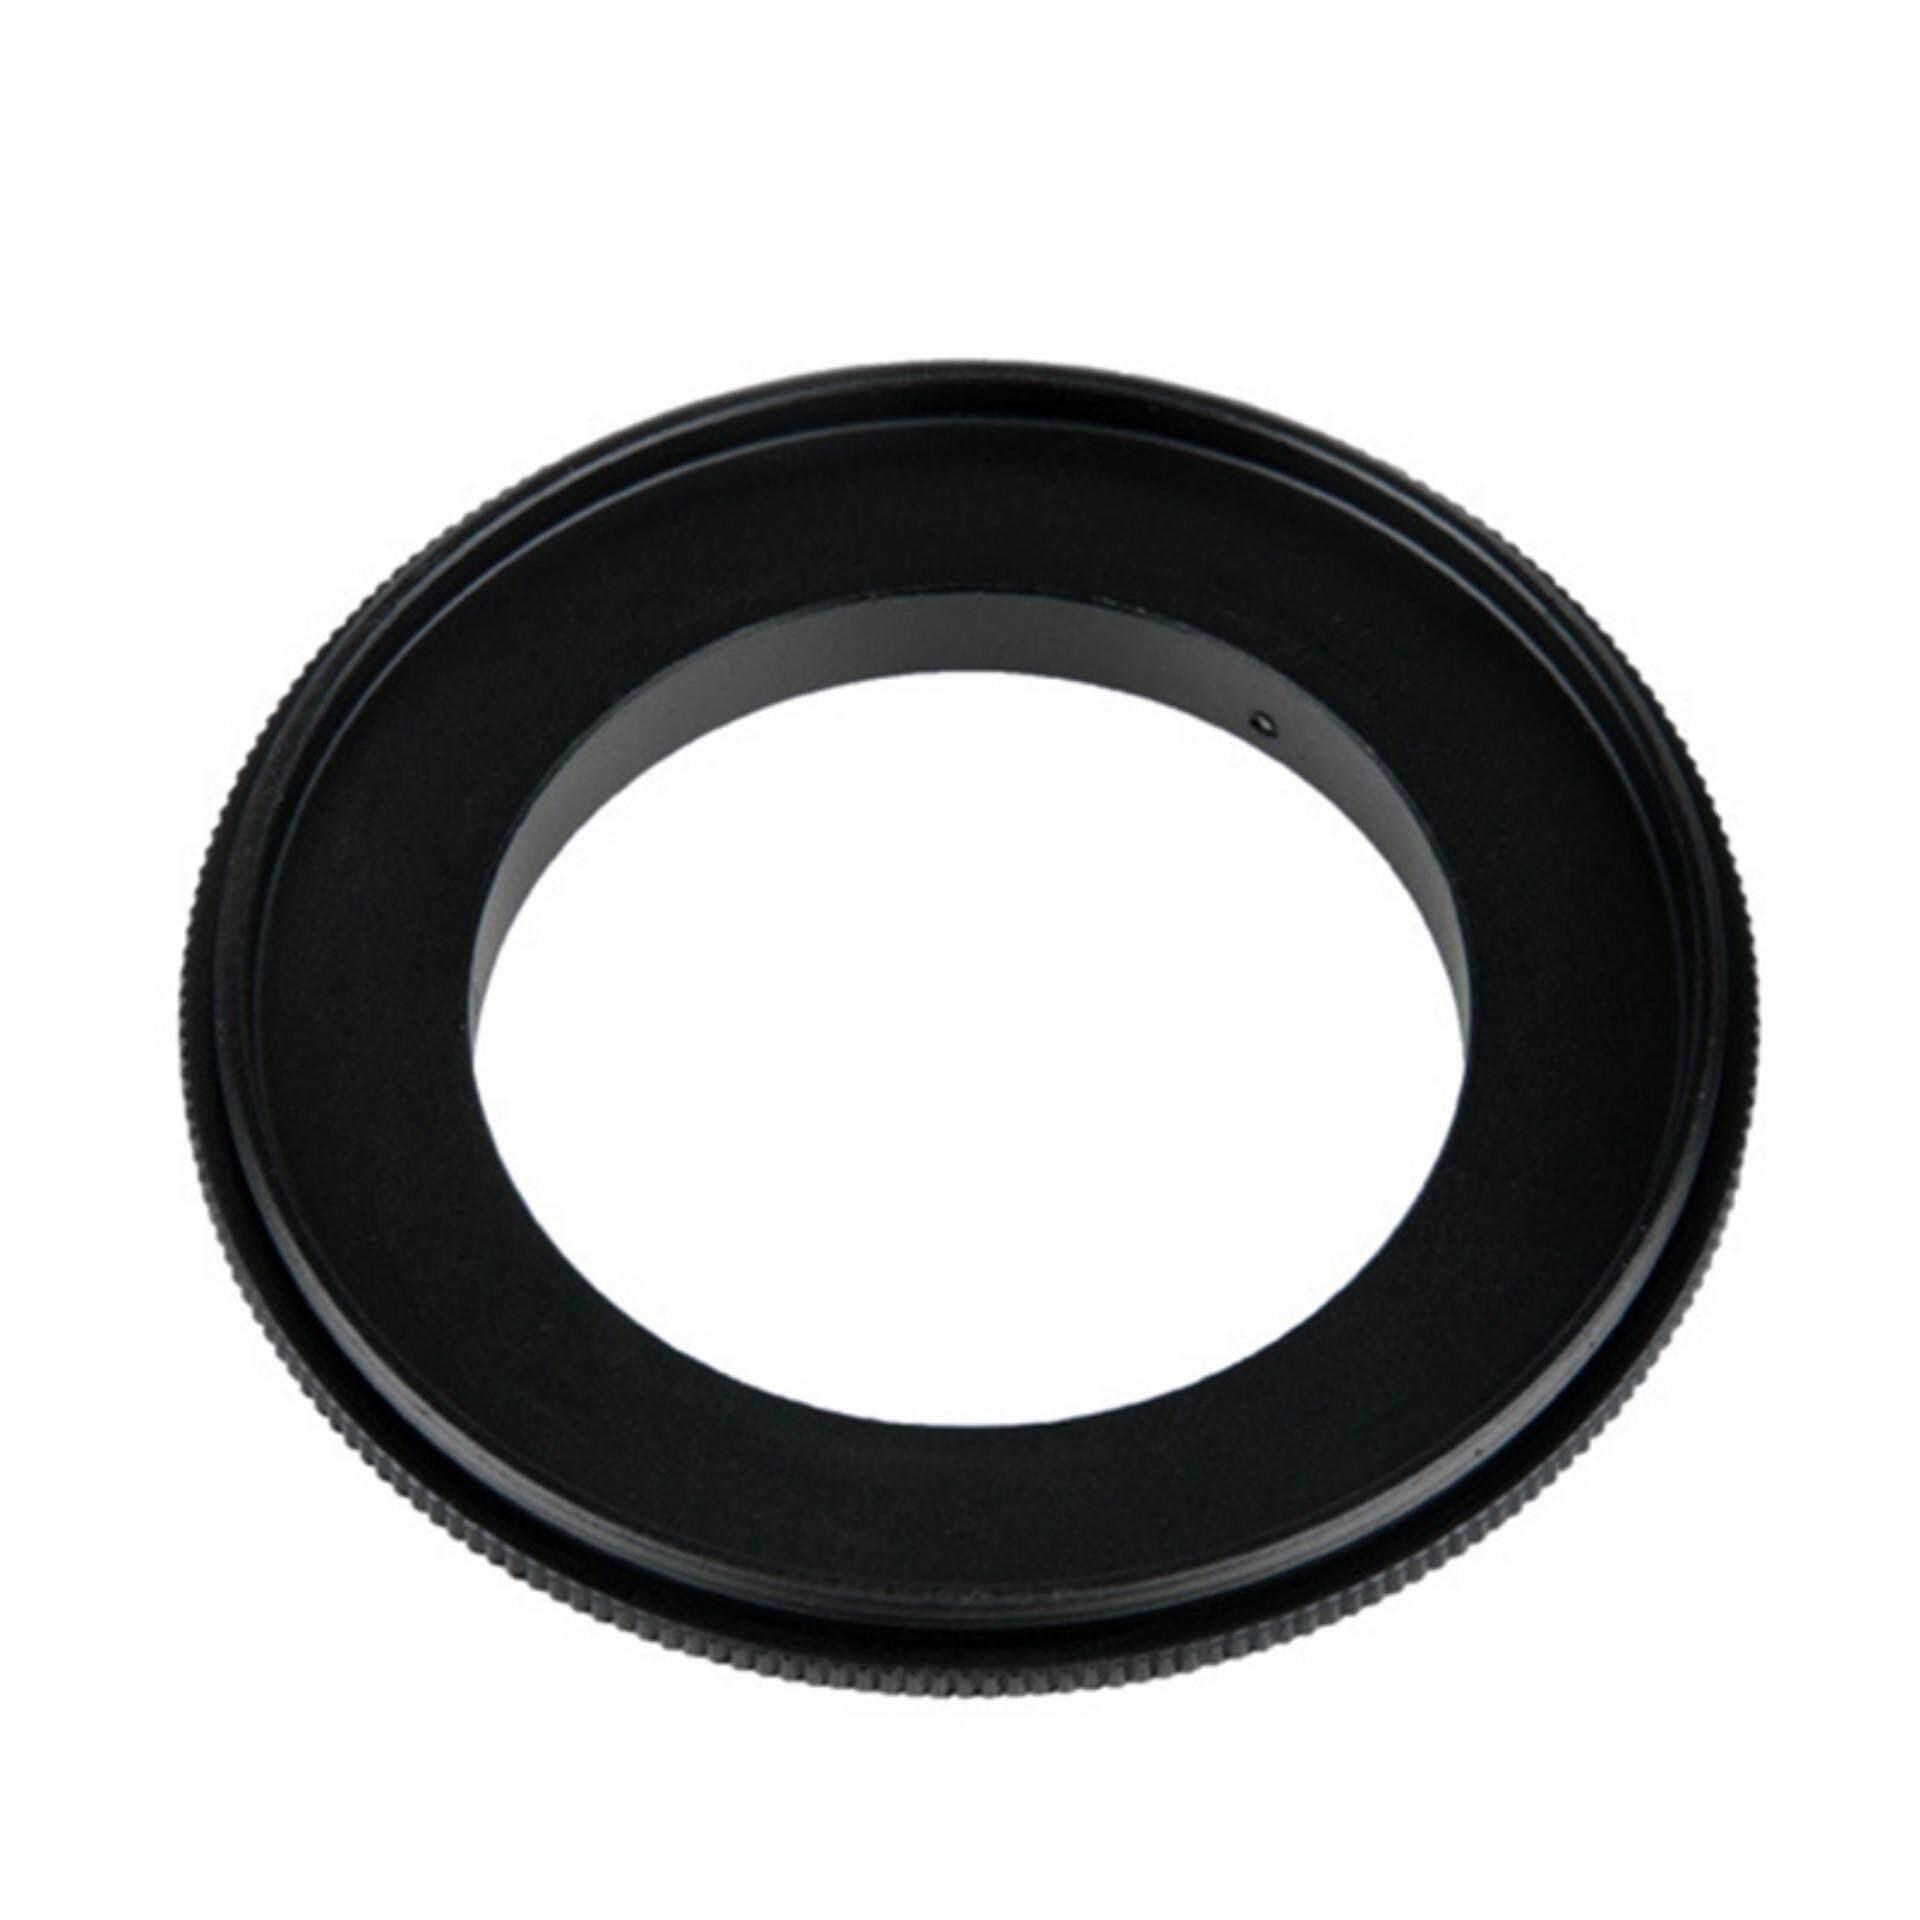 GETEK 62mm Macro Reverse Ring for Nikon retroadapter Camera Lens Adapter Ring Macro